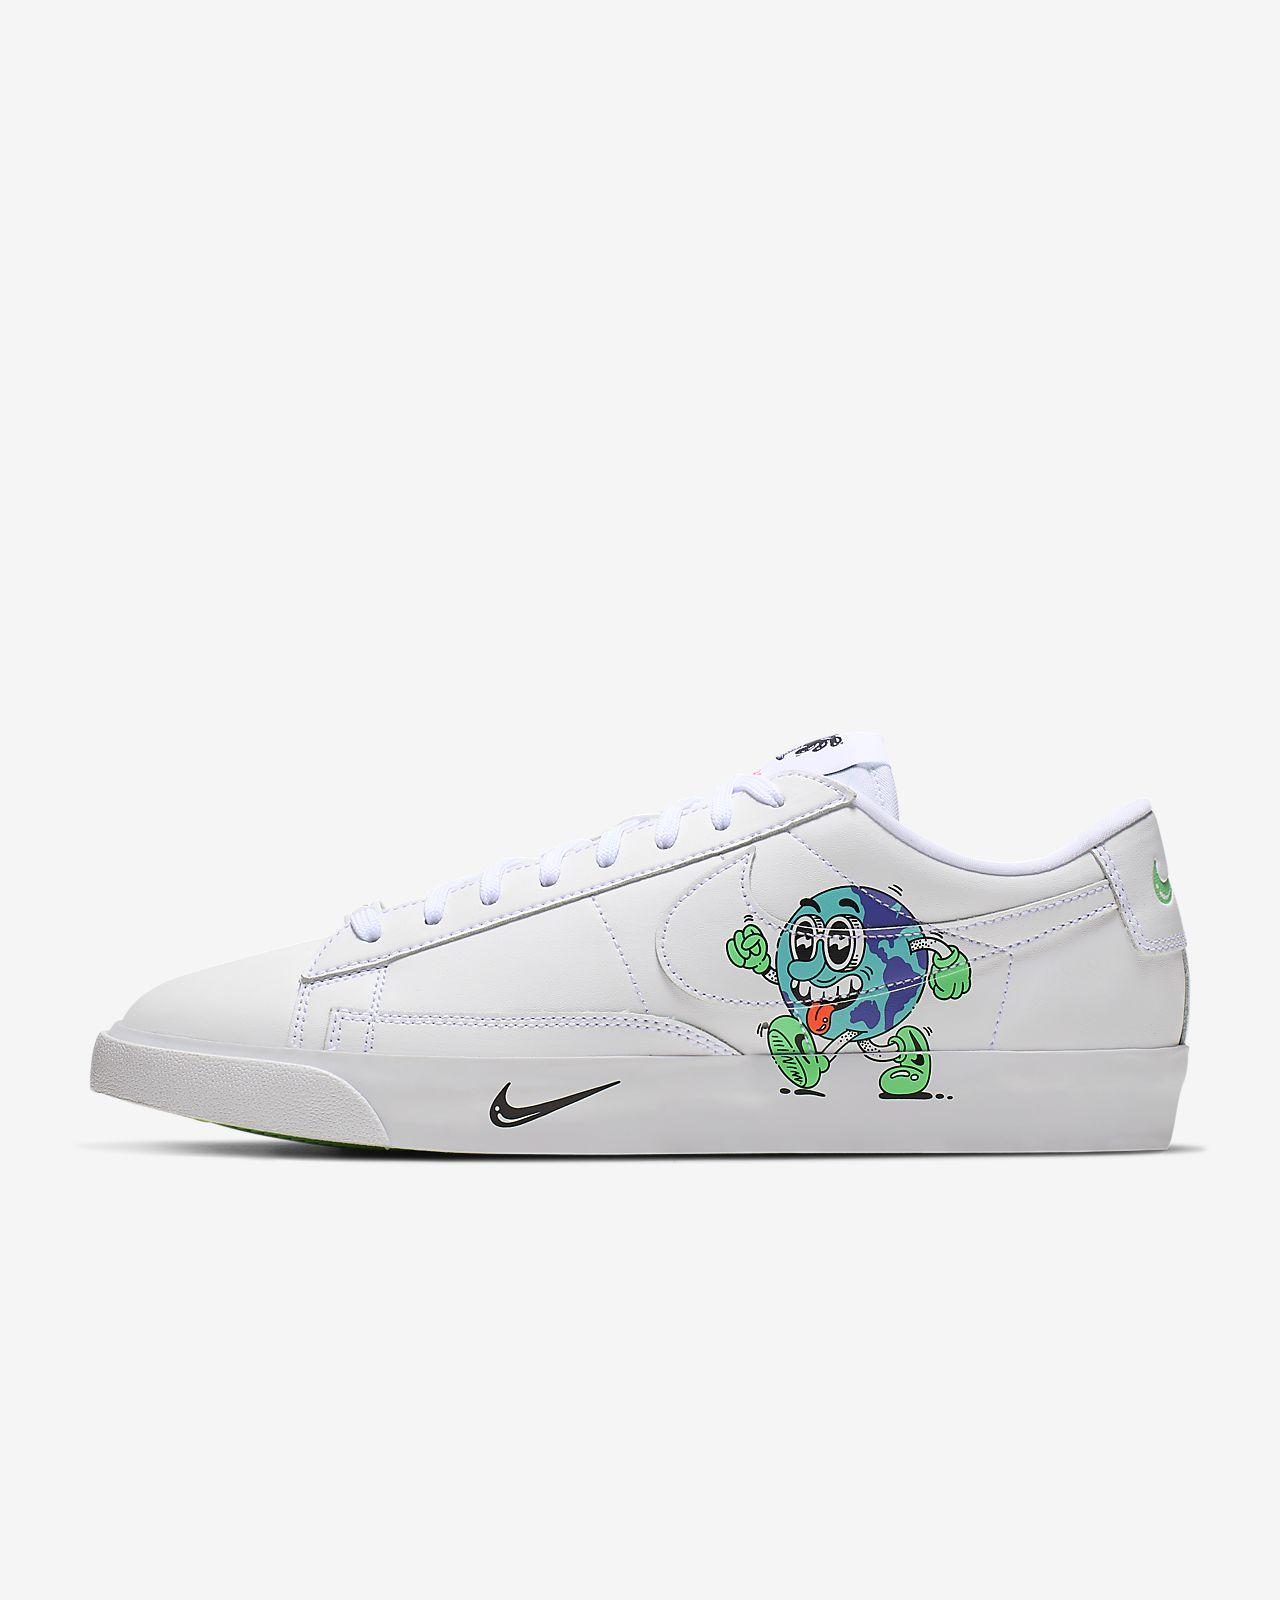 Chaussure Nike Blazer Low QS FlyLeather pour Homme composée d'au moins 50 % de fibres de cuir